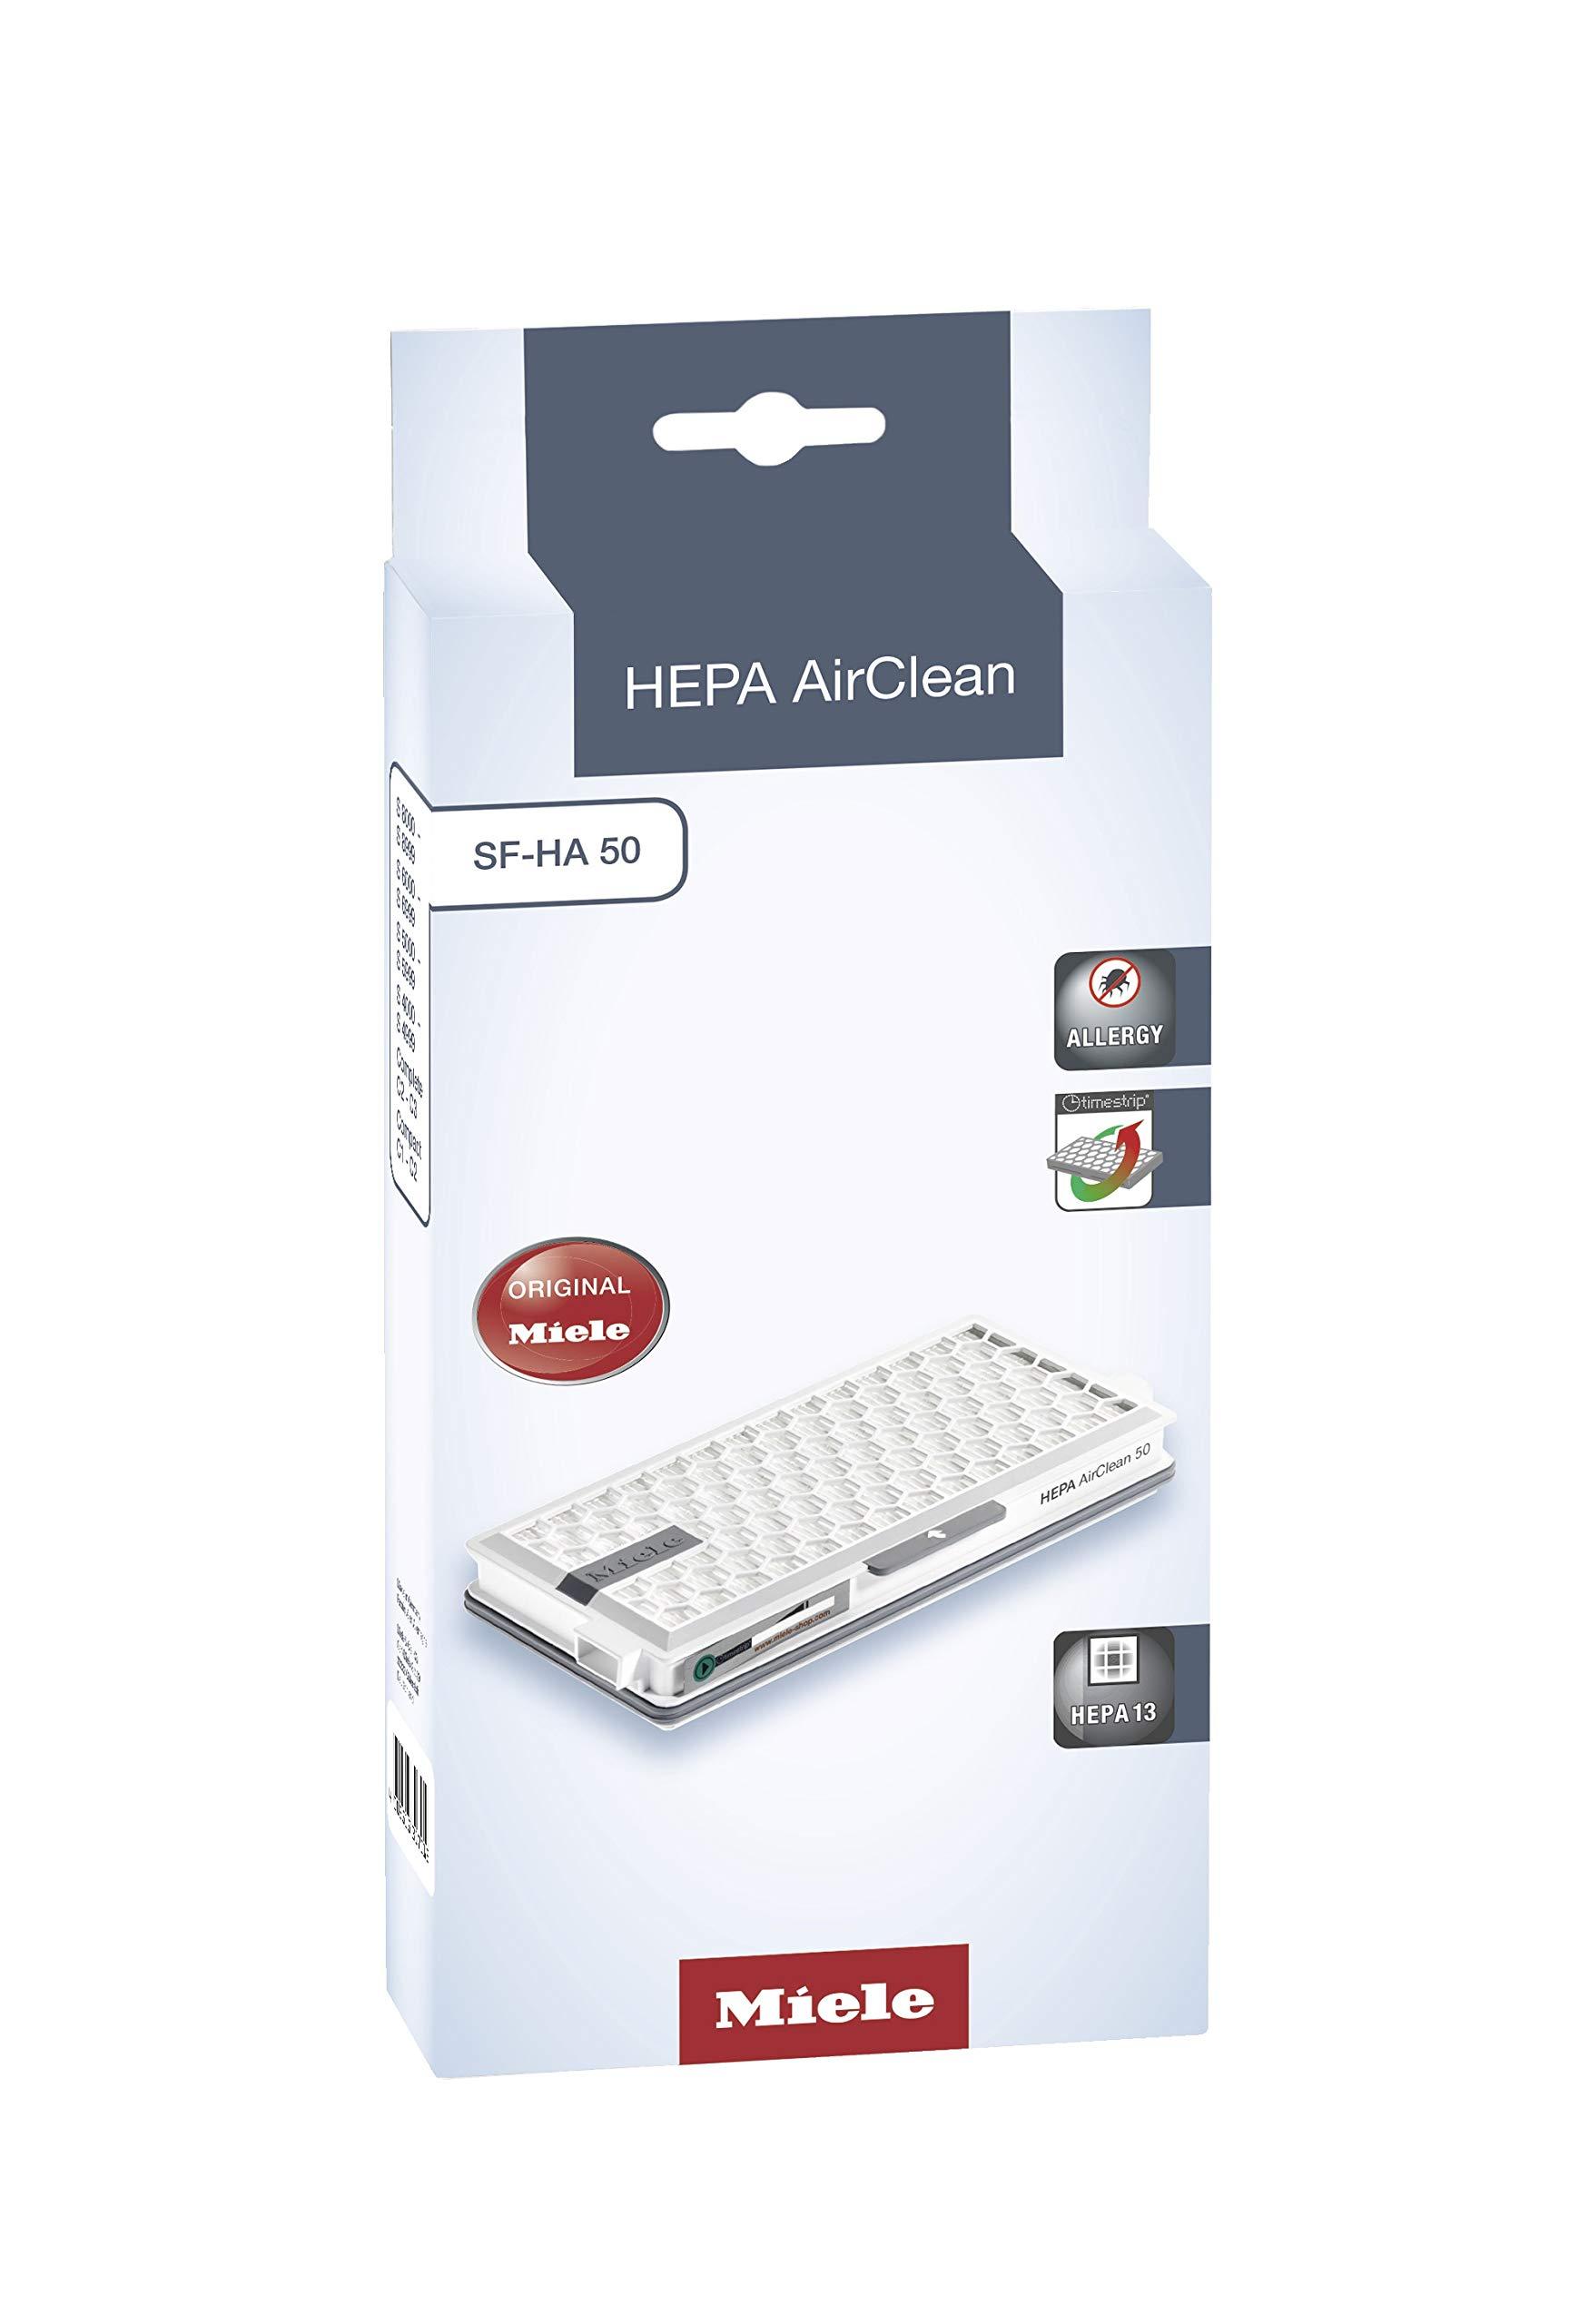 Miele SF-HA 50 Airclean - Filtro para aspiradores S 4 y S 5: Amazon.es: Hogar